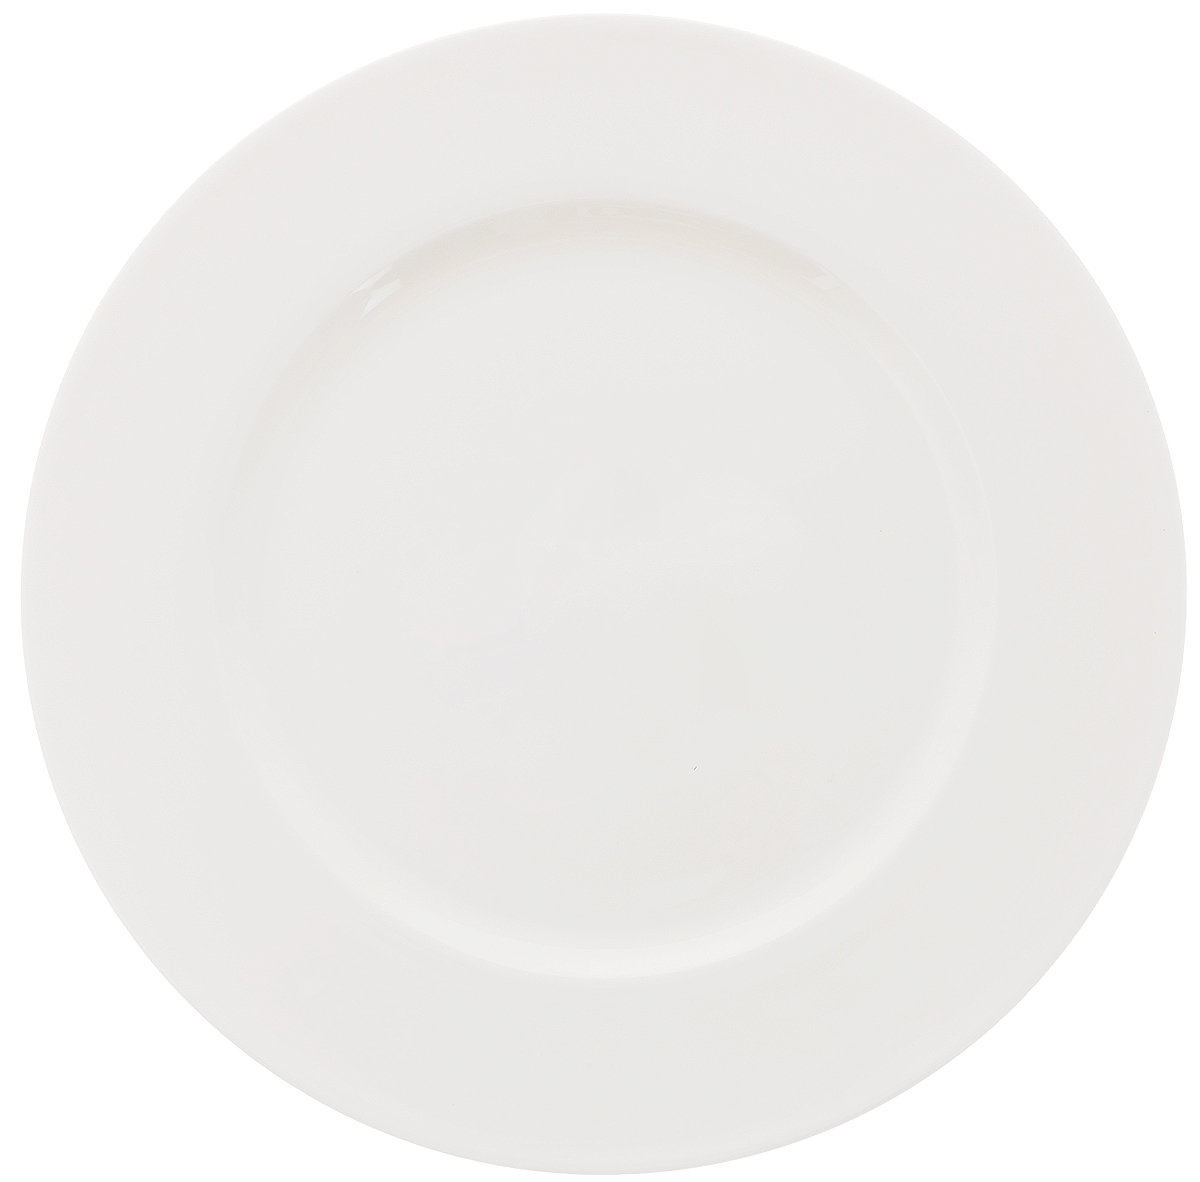 """Тарелка """"Wilmax"""", изготовленная из высококачественного фарфора, имеет классическую круглую форму. Оригинальный дизайн придется по вкусу и ценителям классики, и тем, кто предпочитает утонченность и изысканность. Тарелка """"Wilmax"""" идеально подойдет для сервировки стола и станет отличным подарком к любому празднику."""